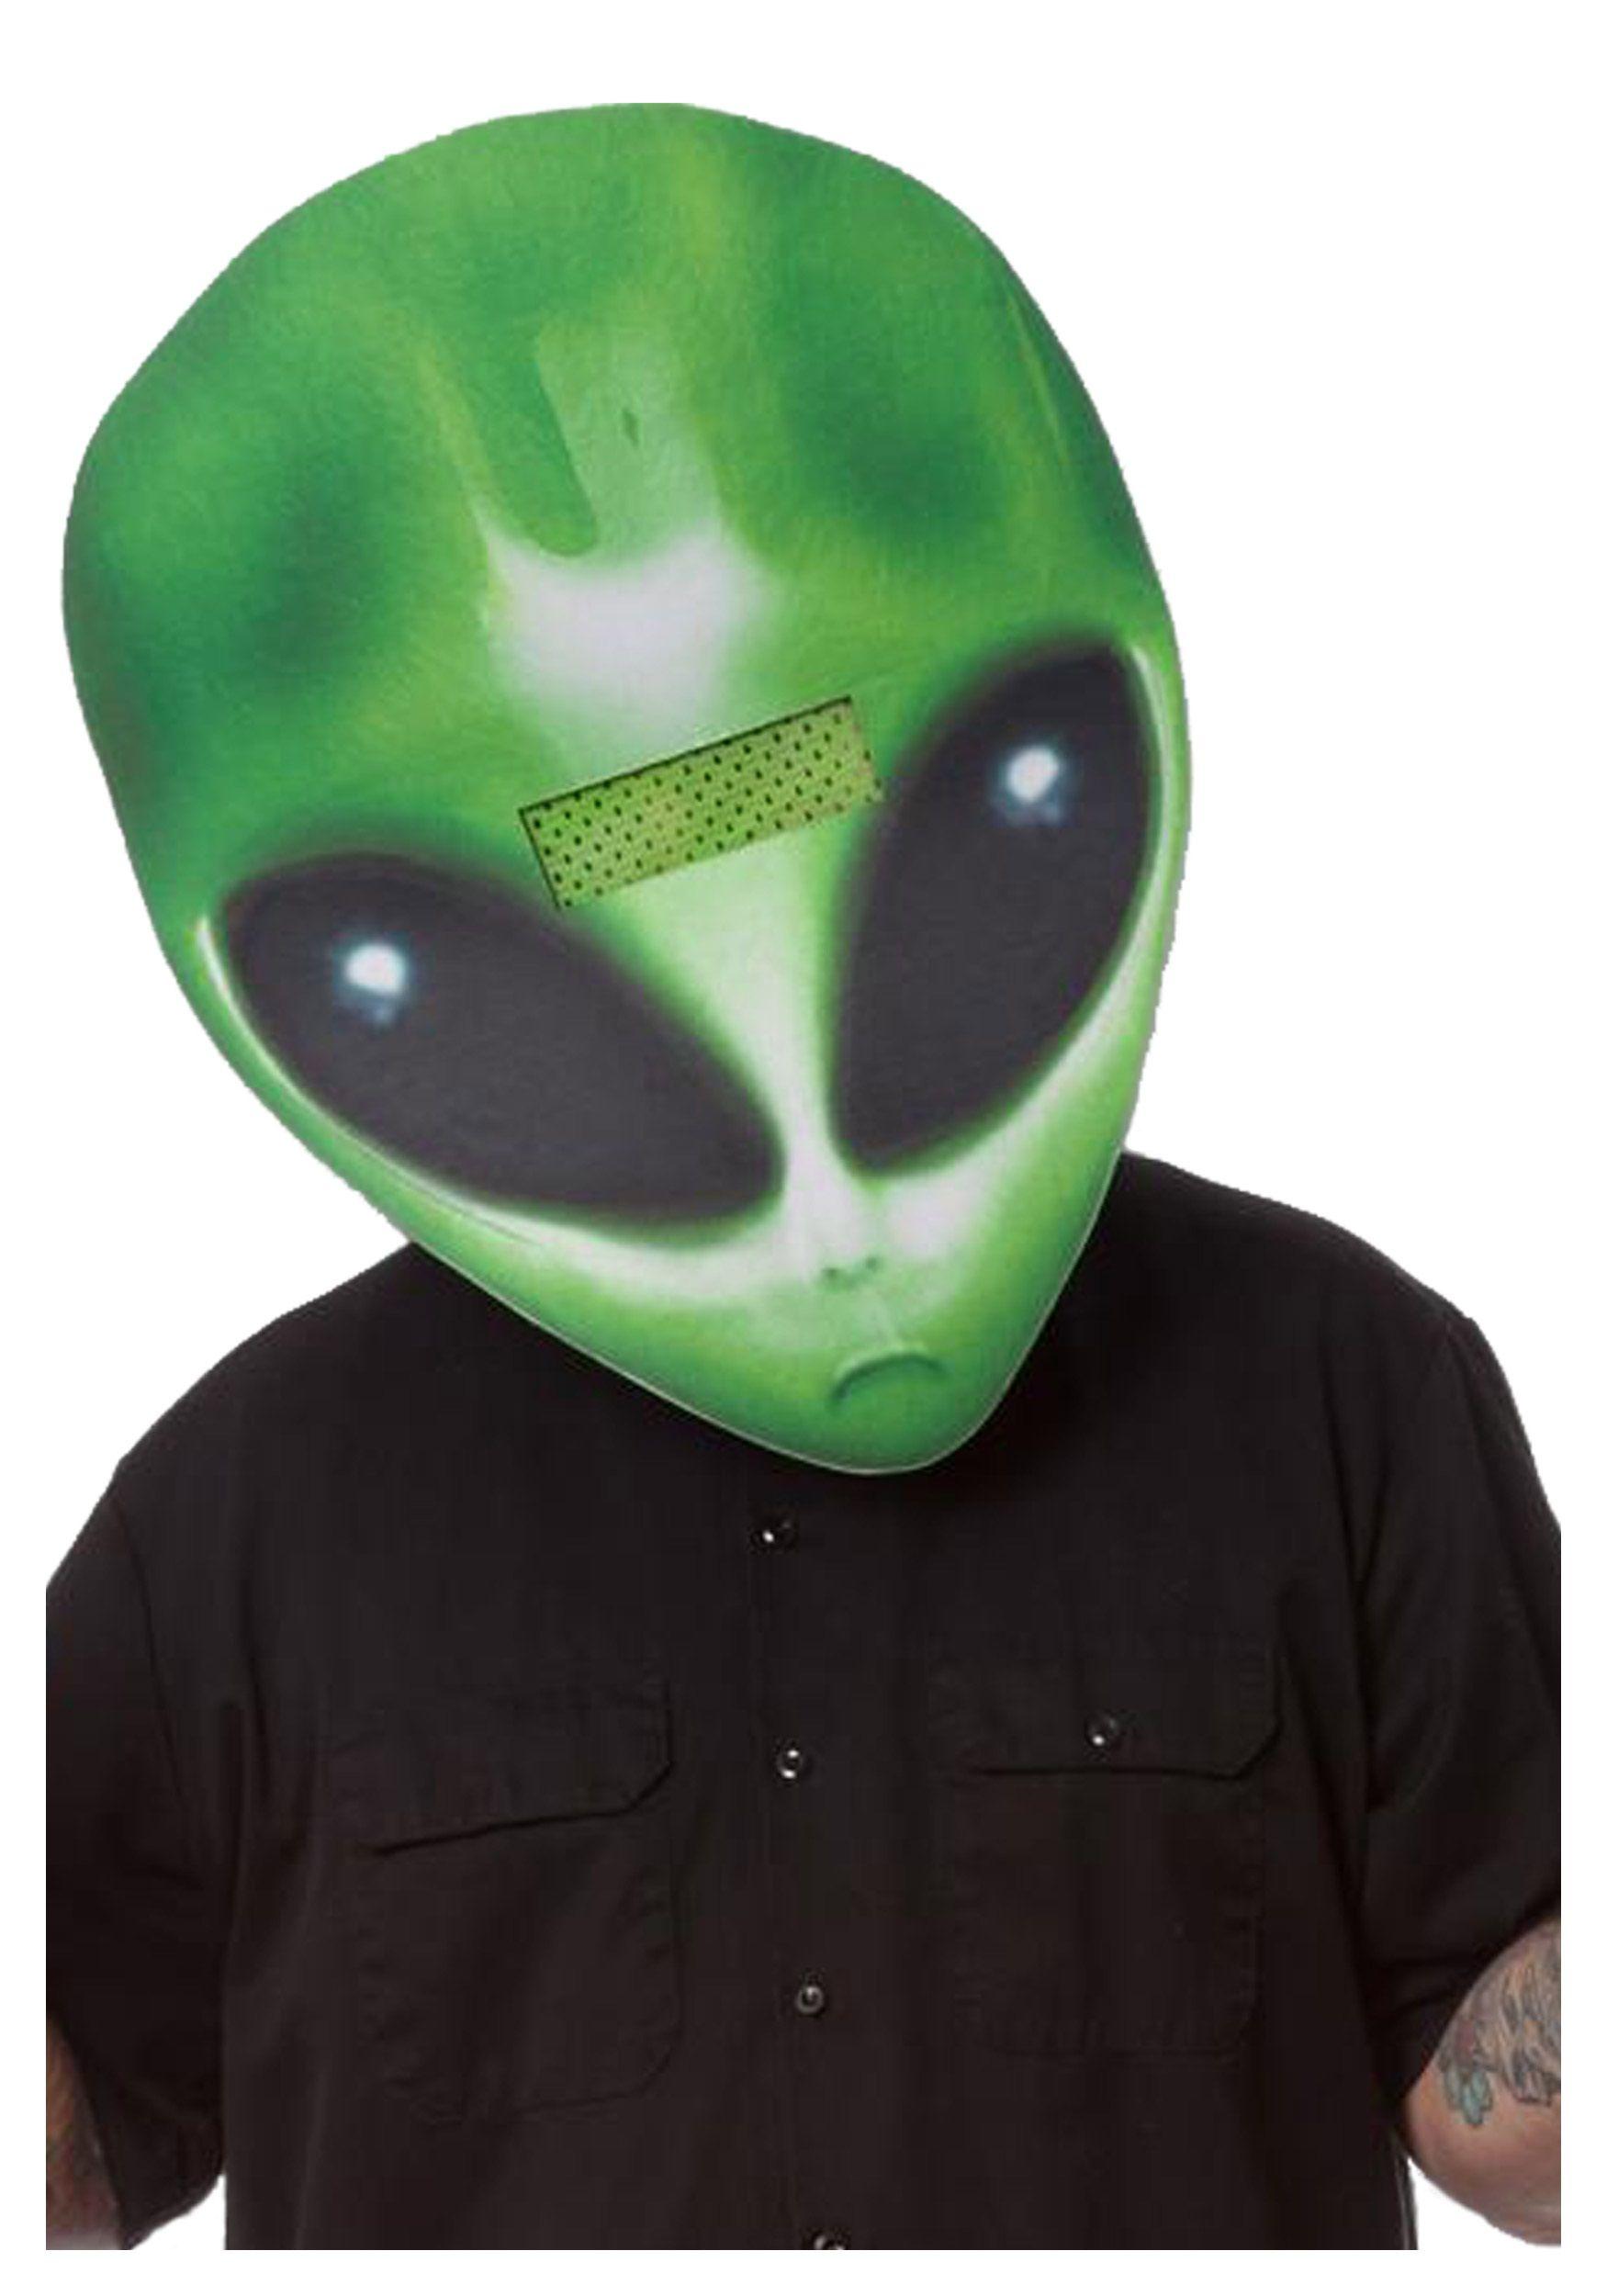 Alien Head Costume   Alien Face Big Head Mask   Stuff to Buy ...